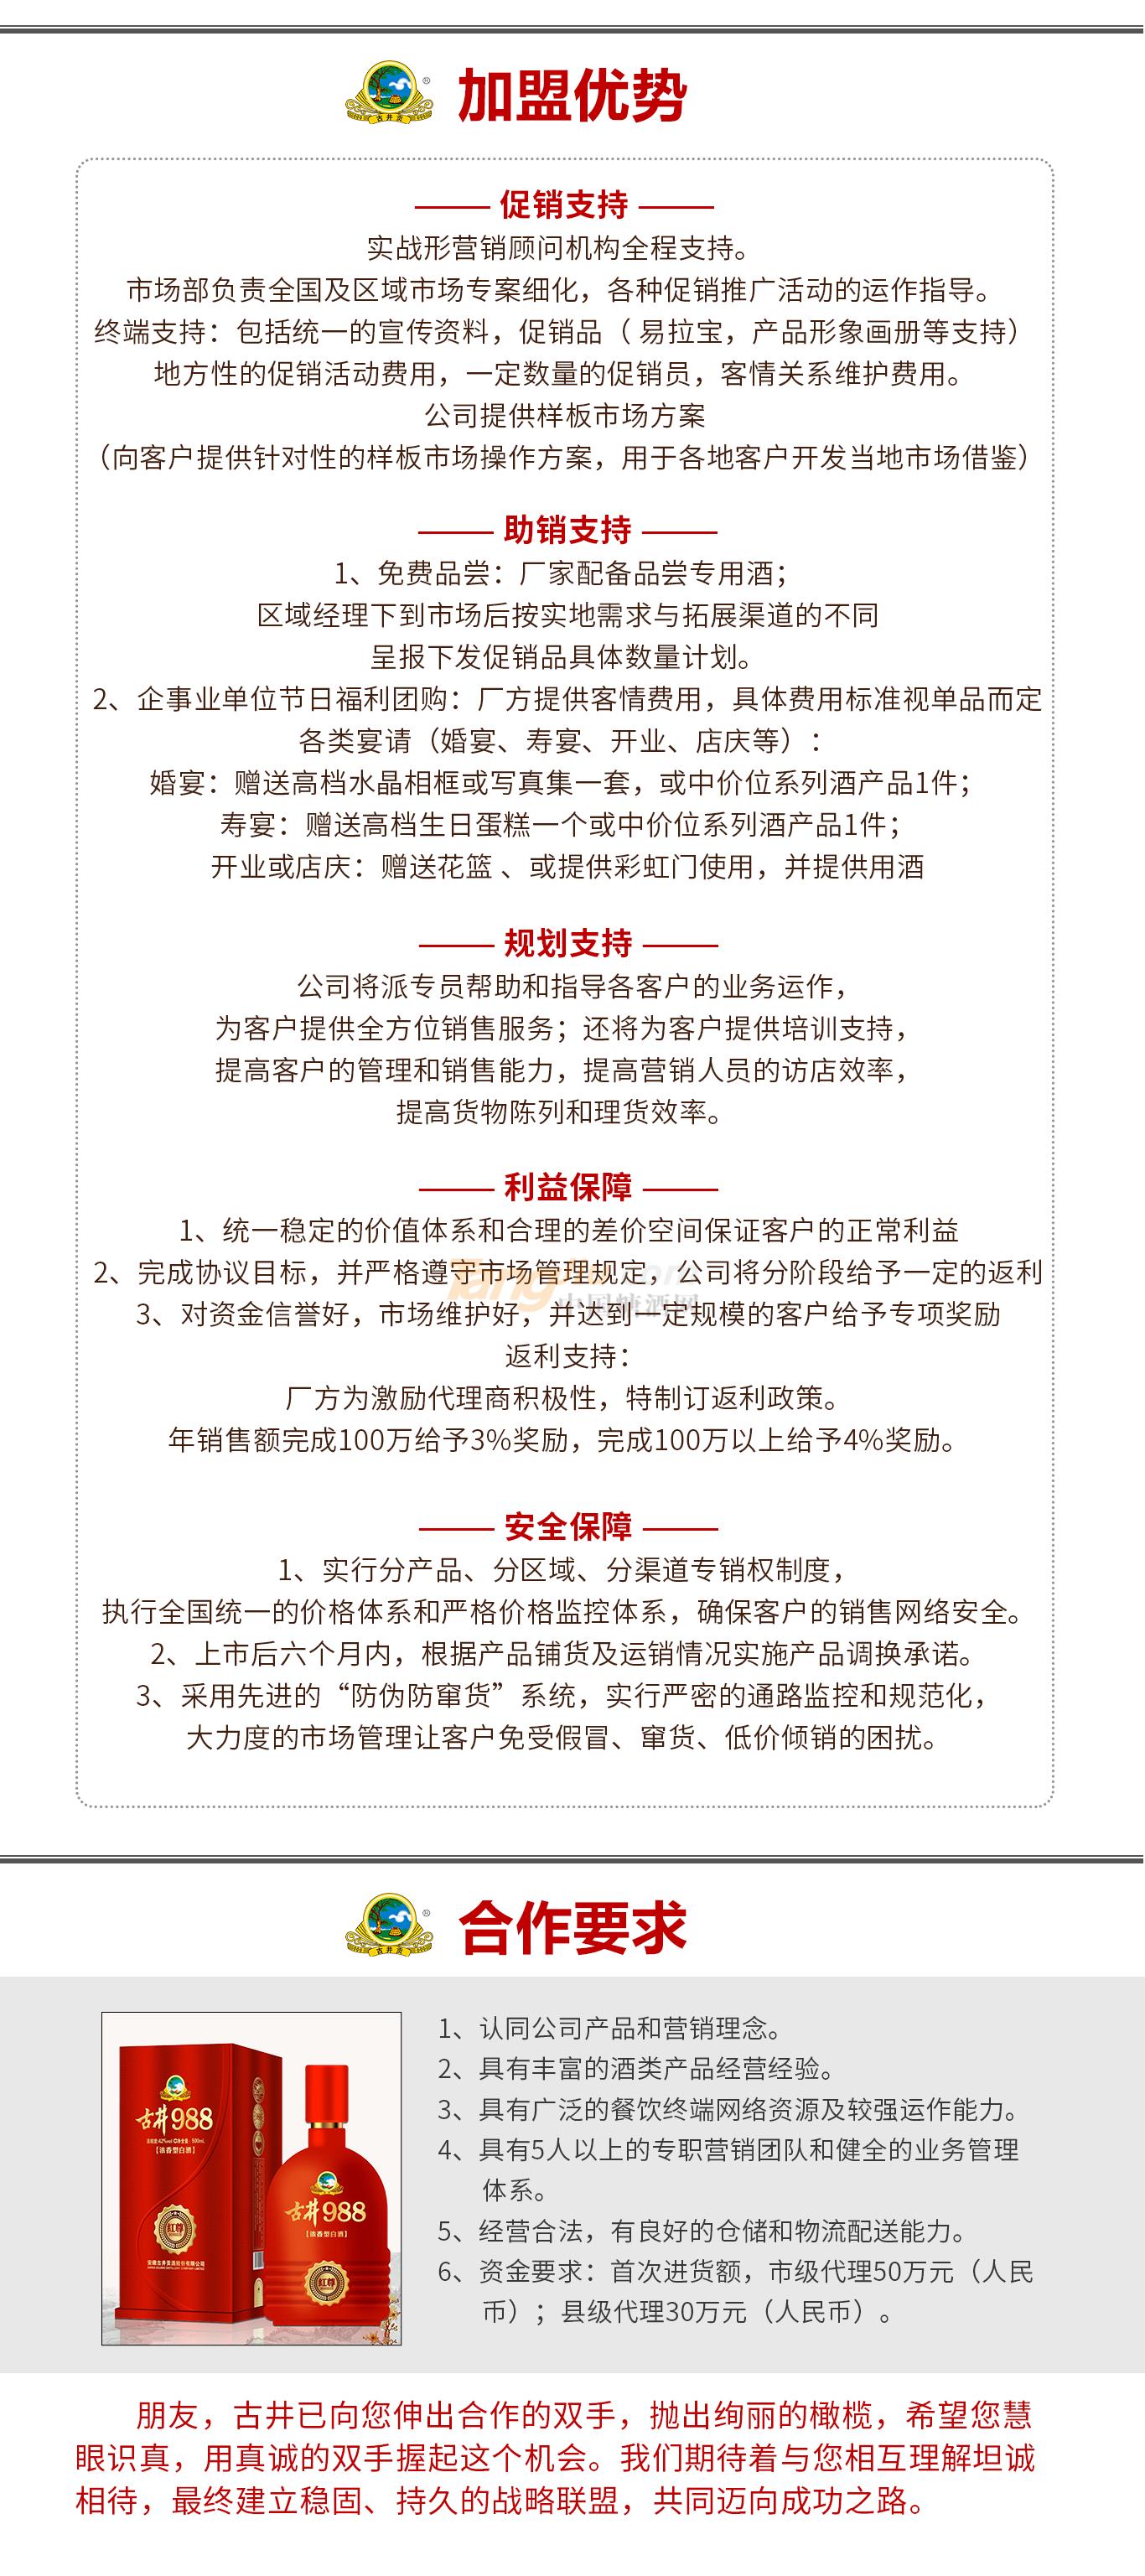 亳州玖捌捌ope体育电子竞技游戏平台销售有限公司招商政策.png